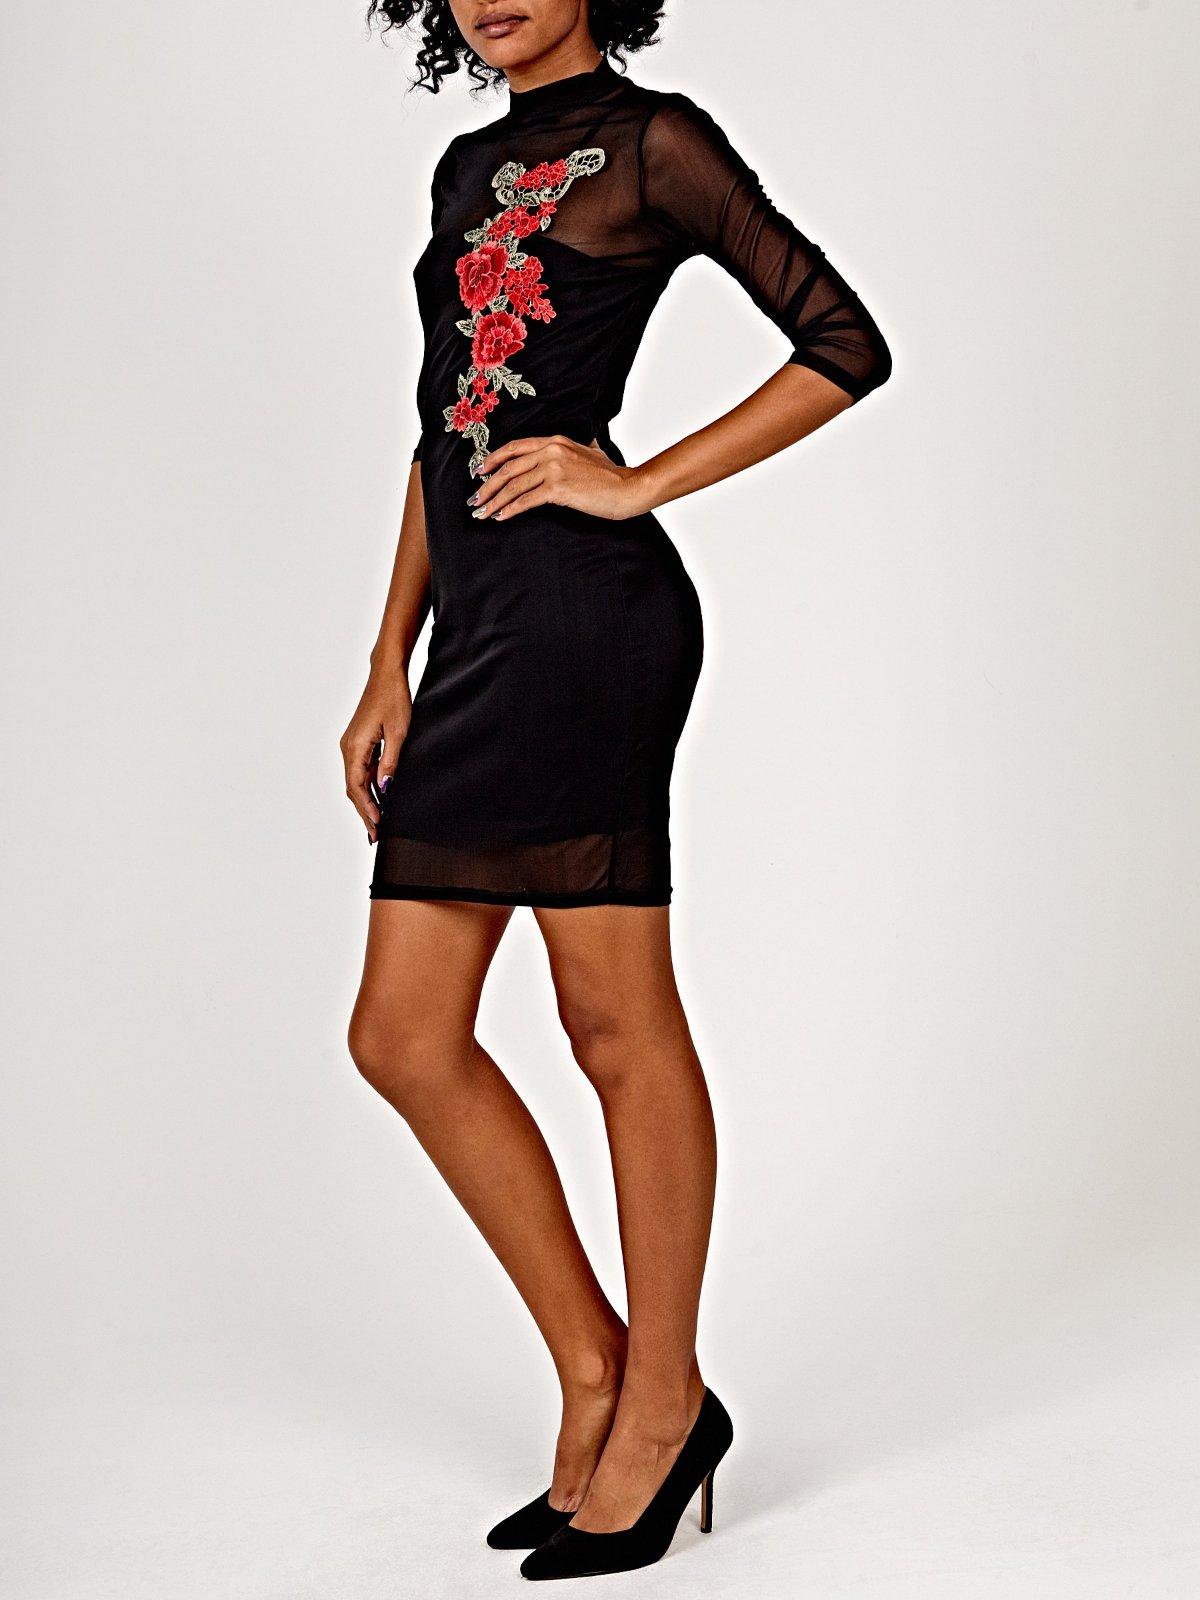 šaty s výšivkou - Obrázok č. 4